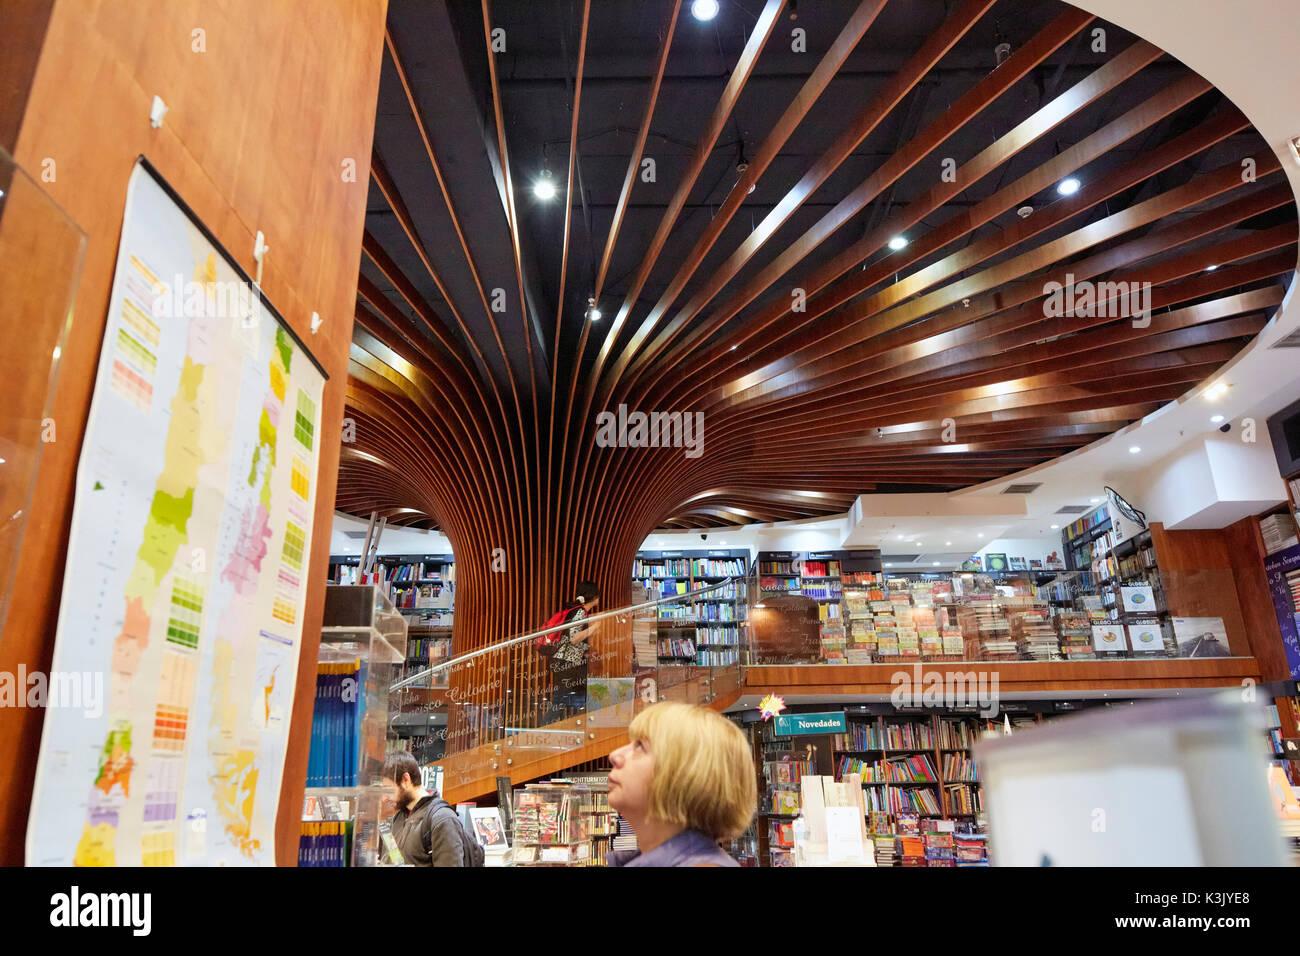 Buchhandlung Libreria Antarktis (Antarktis), Antarktis Libros innen ...